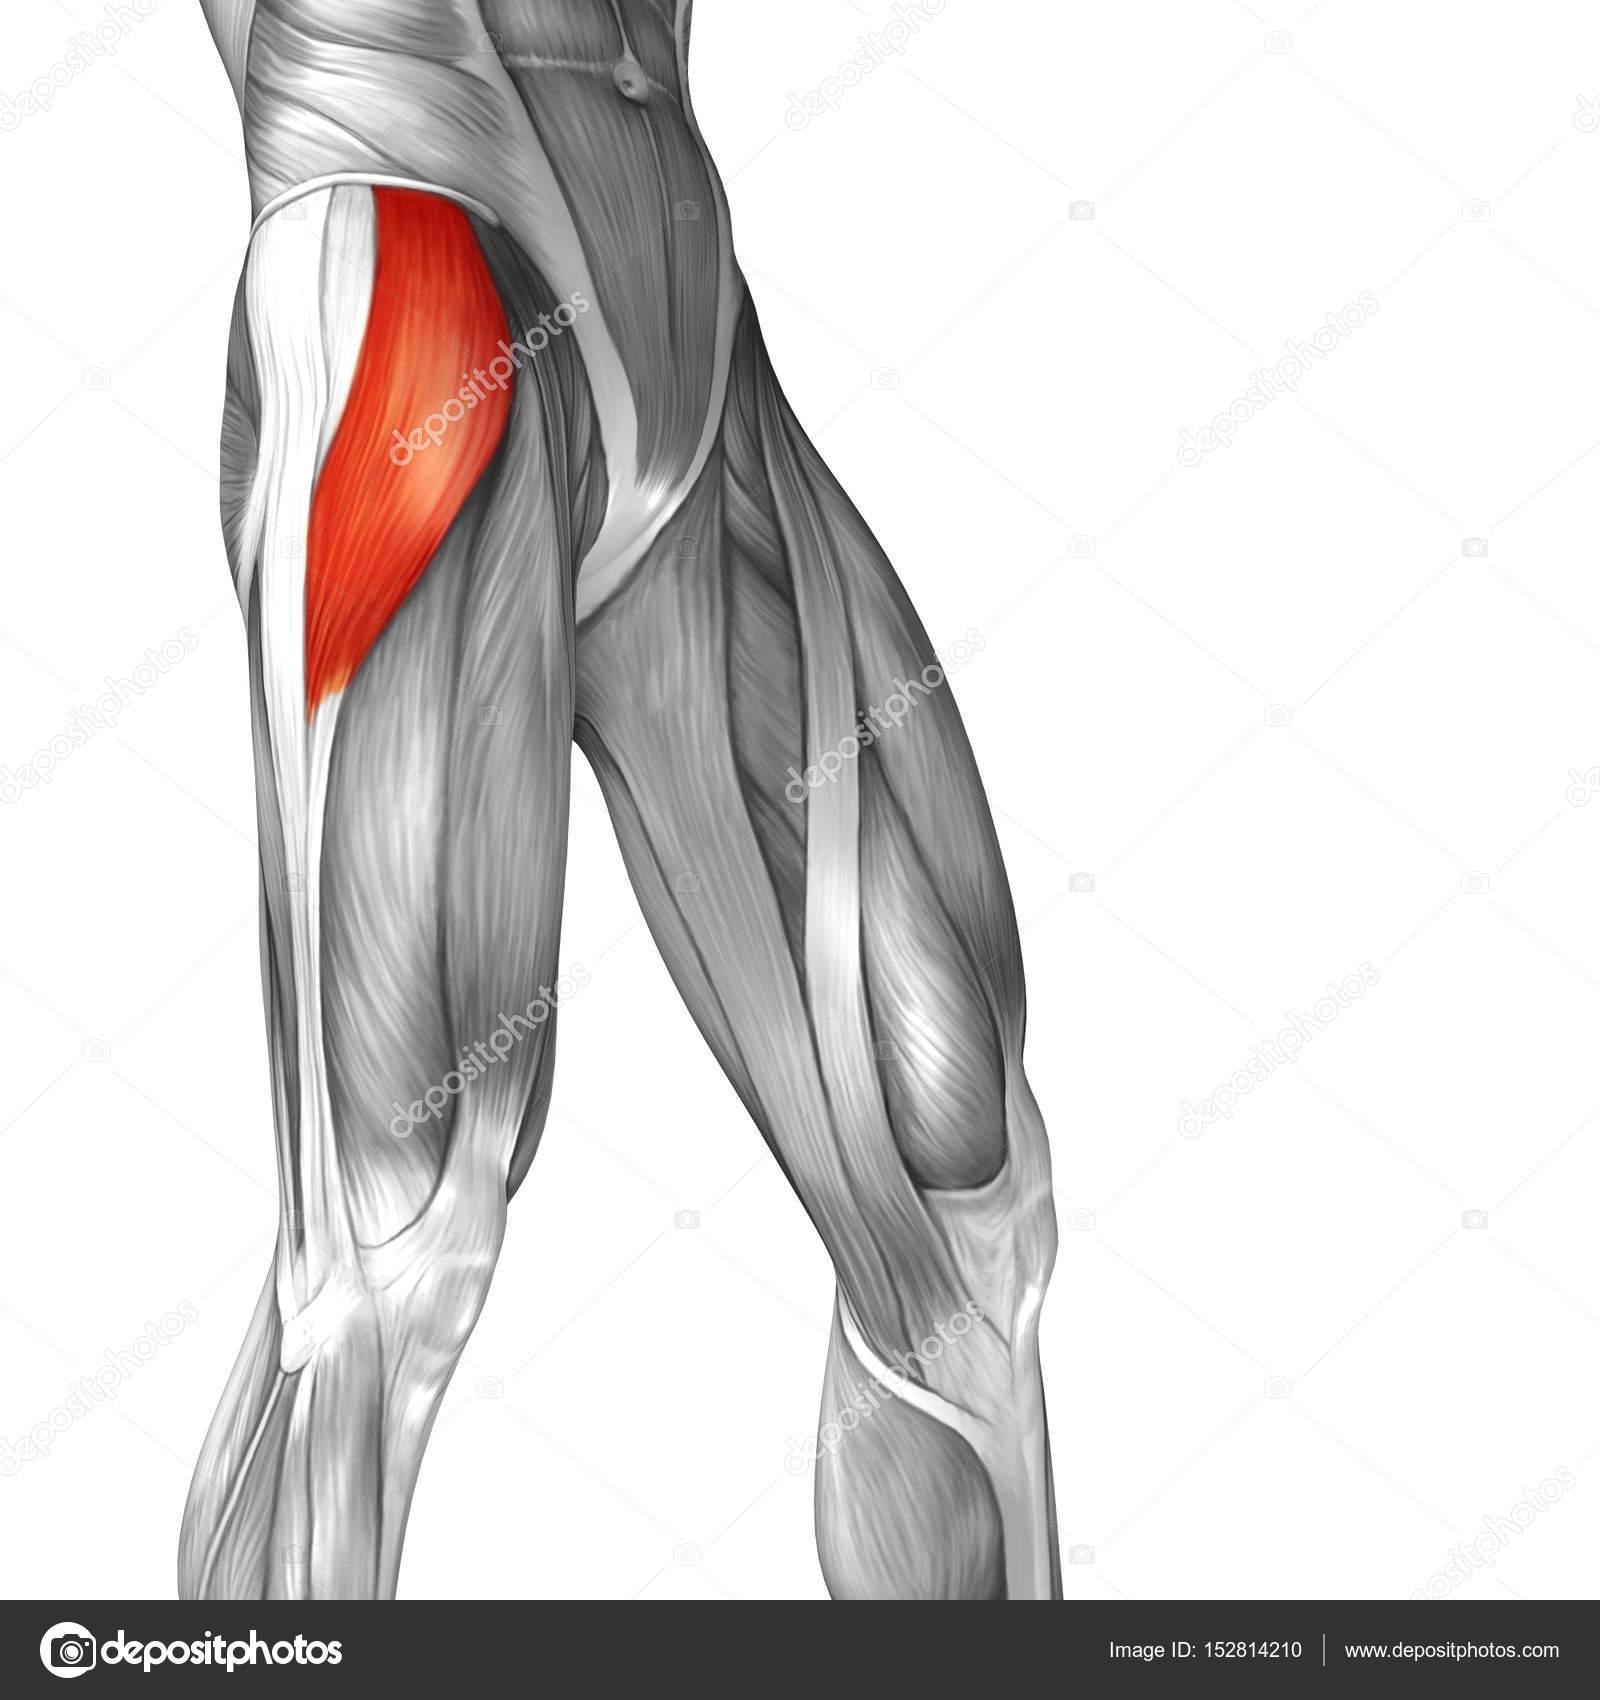 menschliche Oberschenkel-Anatomie — Stockfoto © design36 #152814210